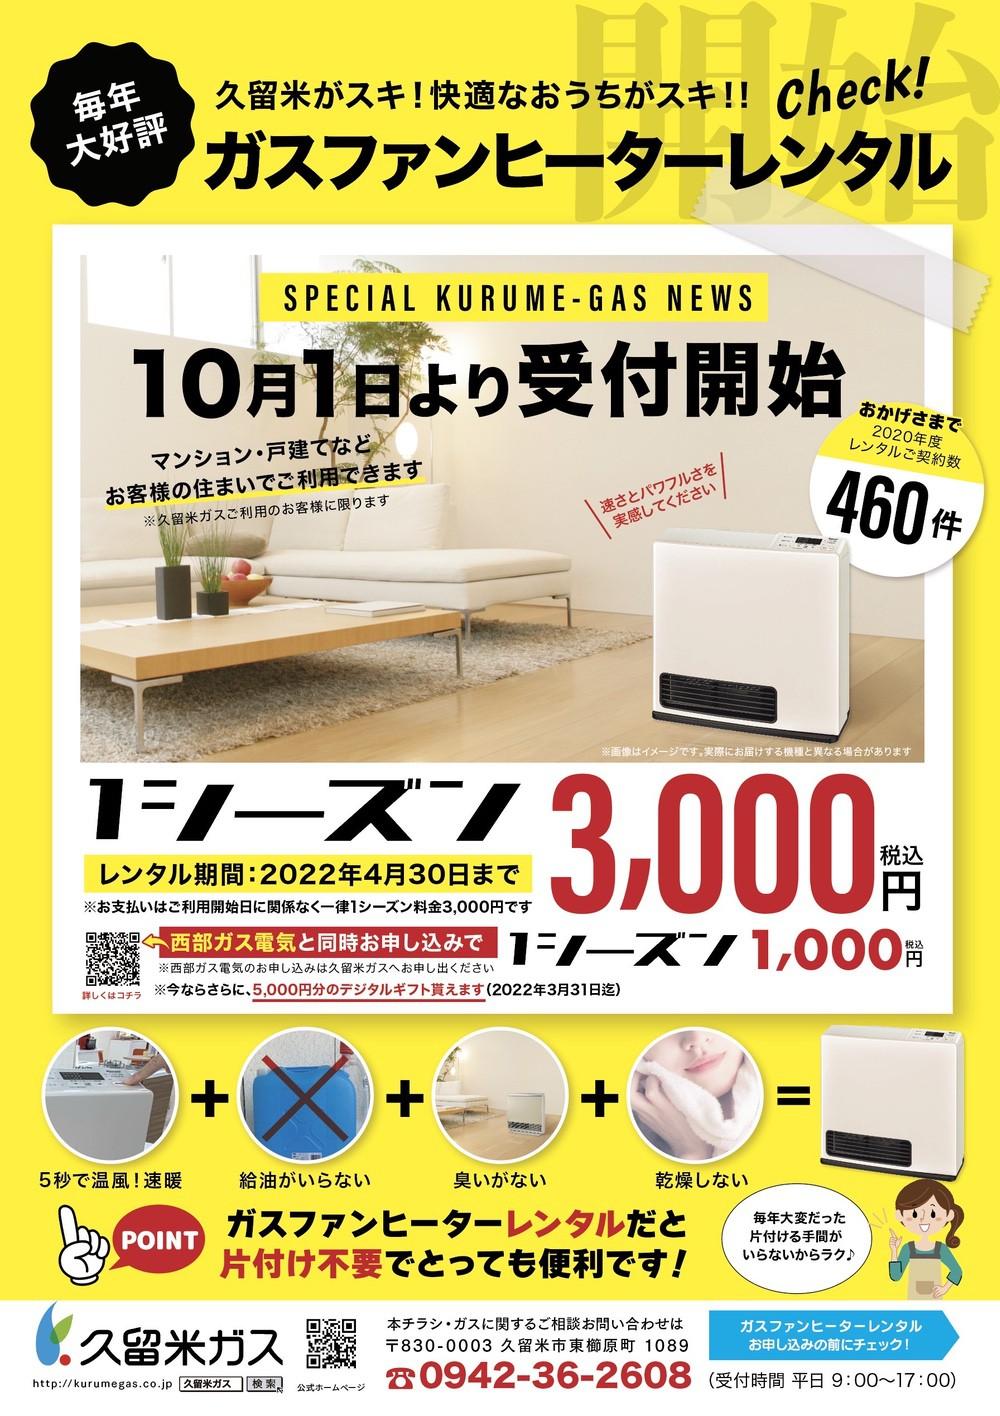 久留米ガス 大好評!ガスファンヒーターレンタル 1シーズン3,000円と超お得!